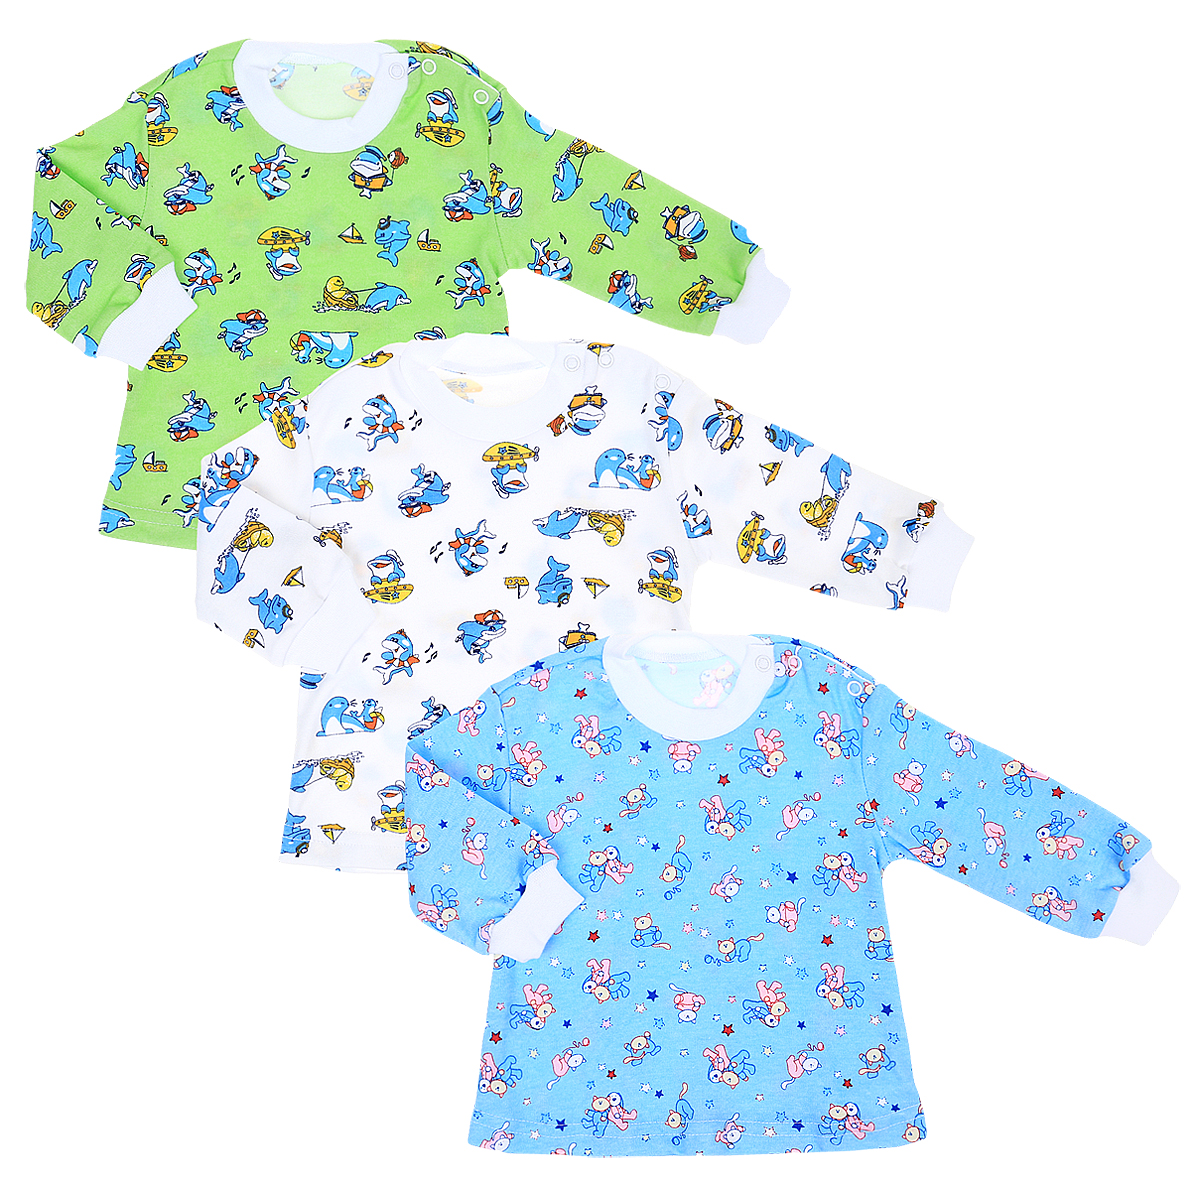 Комплект футболок для мальчика Фреш Стайл, цвет: мультиколор. 33-232м. Размер 6233-232мФутболка с длинными рукавами Фреш Стайл послужит идеальным дополнением к гардеробу малыша.Футболка изготовлена из натурального хлопка, благодаря чему она необычайно мягкая и легкая, не раздражает нежную кожу ребенка и хорошо вентилируется, а эластичные швы приятны телу малыша и не препятствуют его движениям. Футболка имеет удобные запахи на плечах, которые позволяют без труда переодеть ребенка. Оформлена модель оригинальным рисунком с изображением забавных животных.В такой футболке ваш ребенок всегда будет в центре внимания!